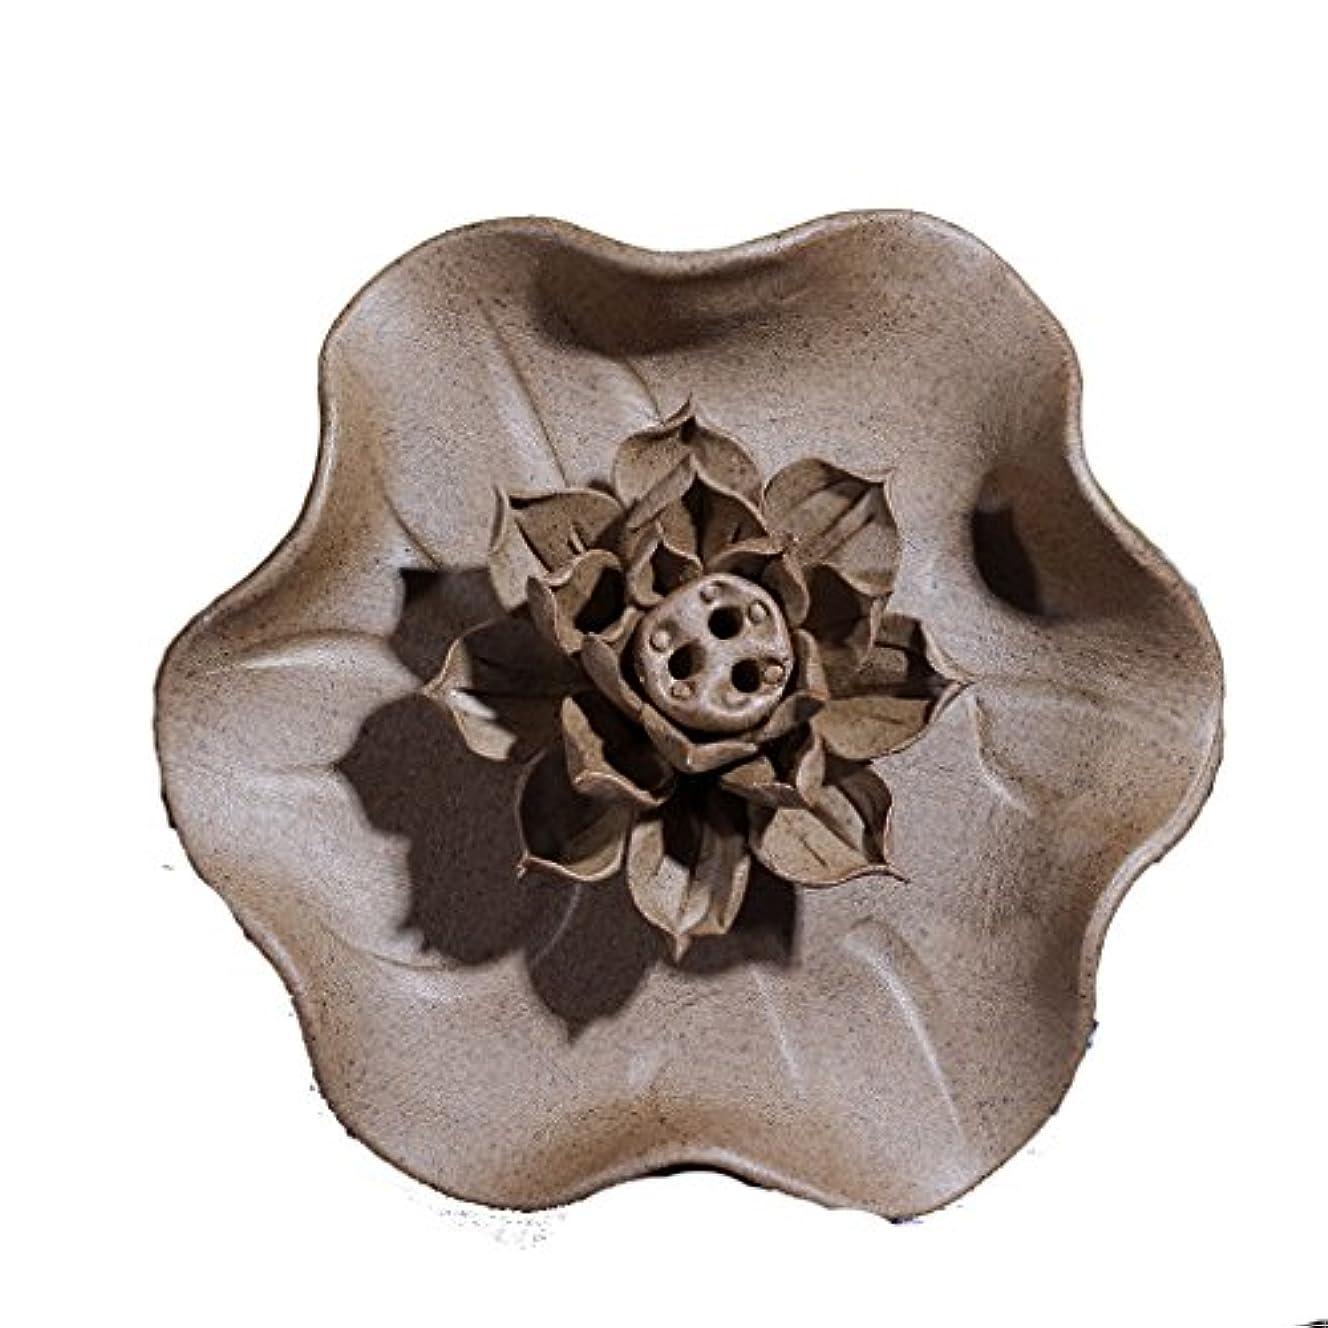 殺します全部志す(ラシューバー) Lasuiveur 香炉 線香立て 香立て 職人さんの手作り 茶道用品 おしゃれ  木製 透かし彫り